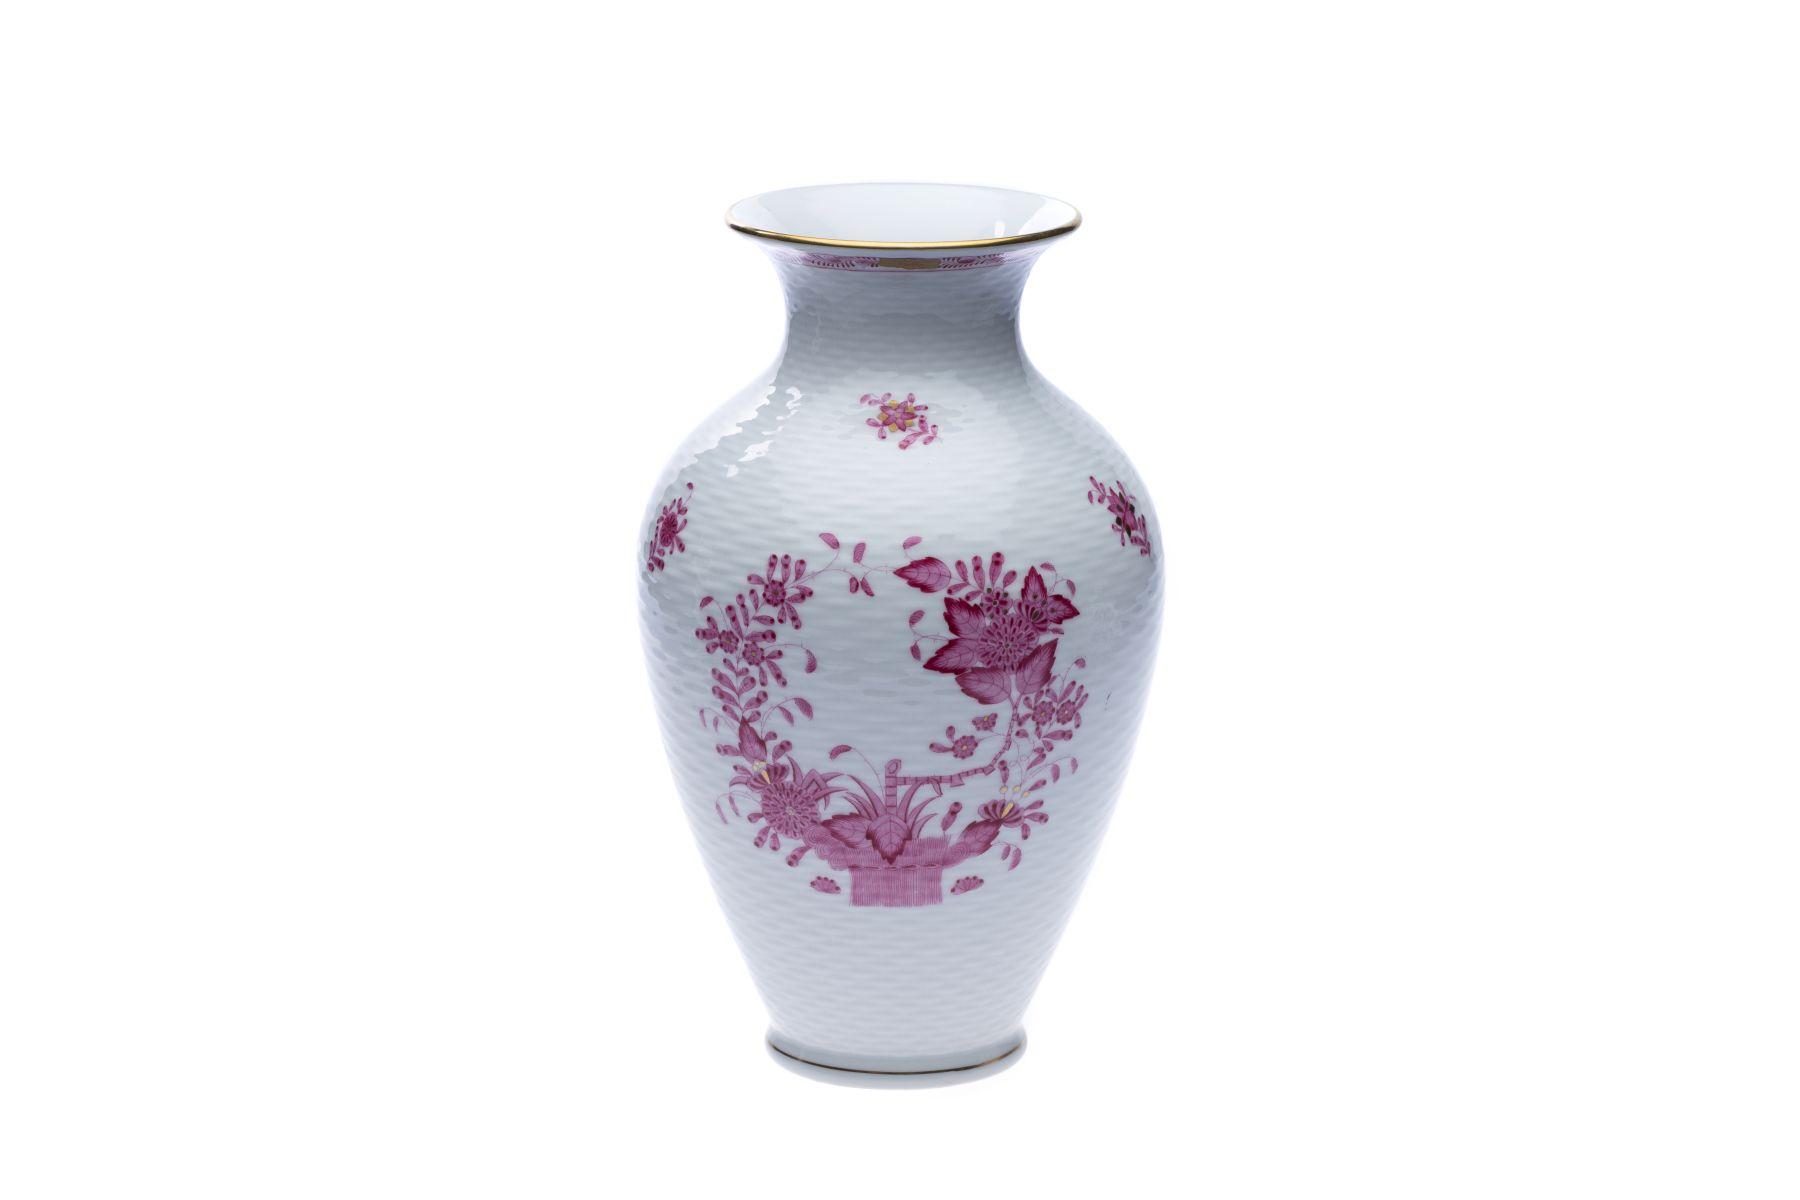 Blumentopf, Blumenvase, Kerzenständer und Früchtekorb - Bild 9 aus 11